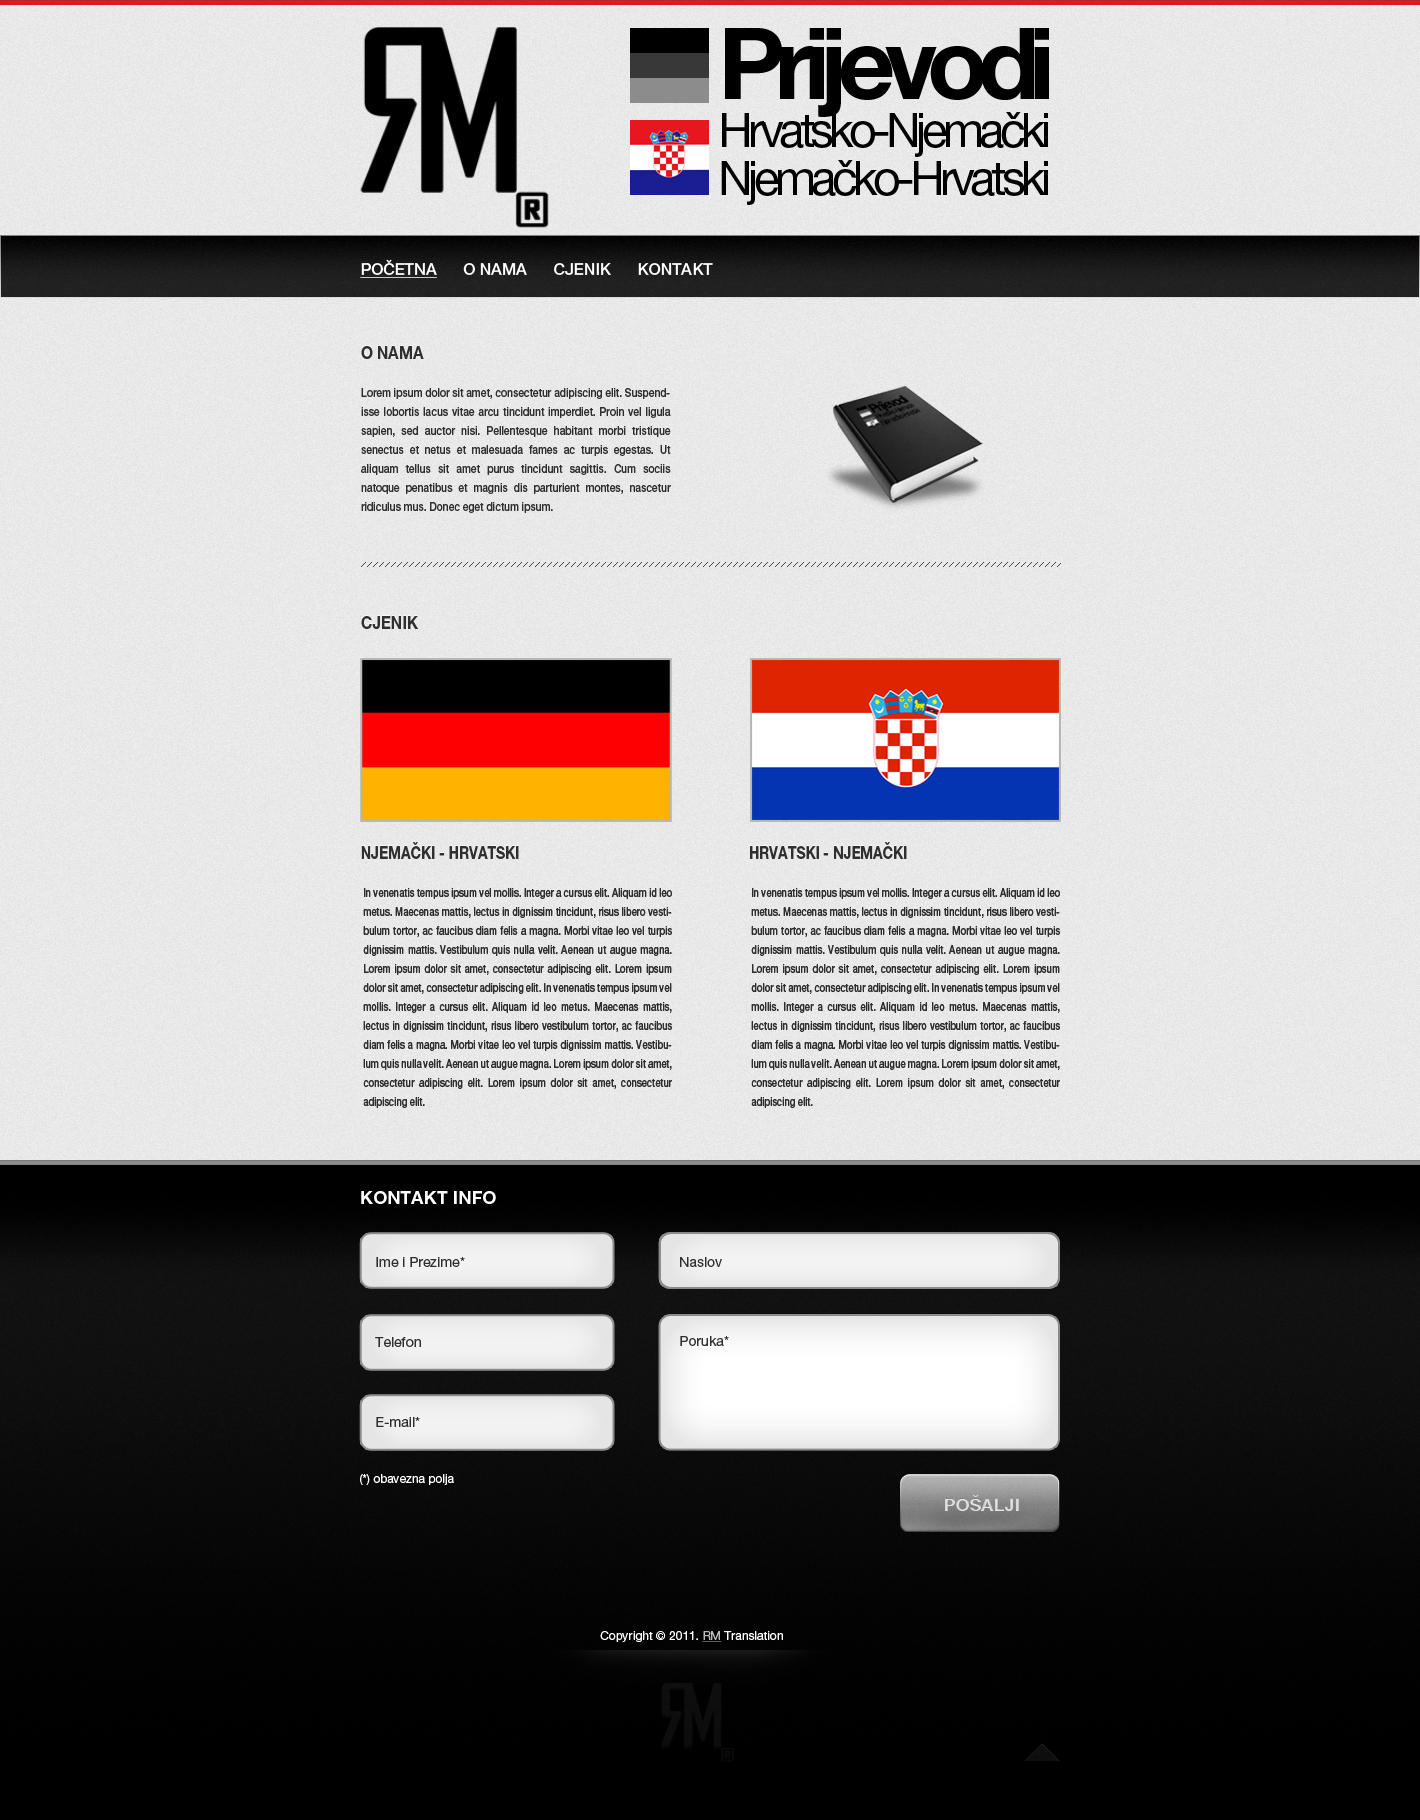 RM prijevodi by MJ-designer